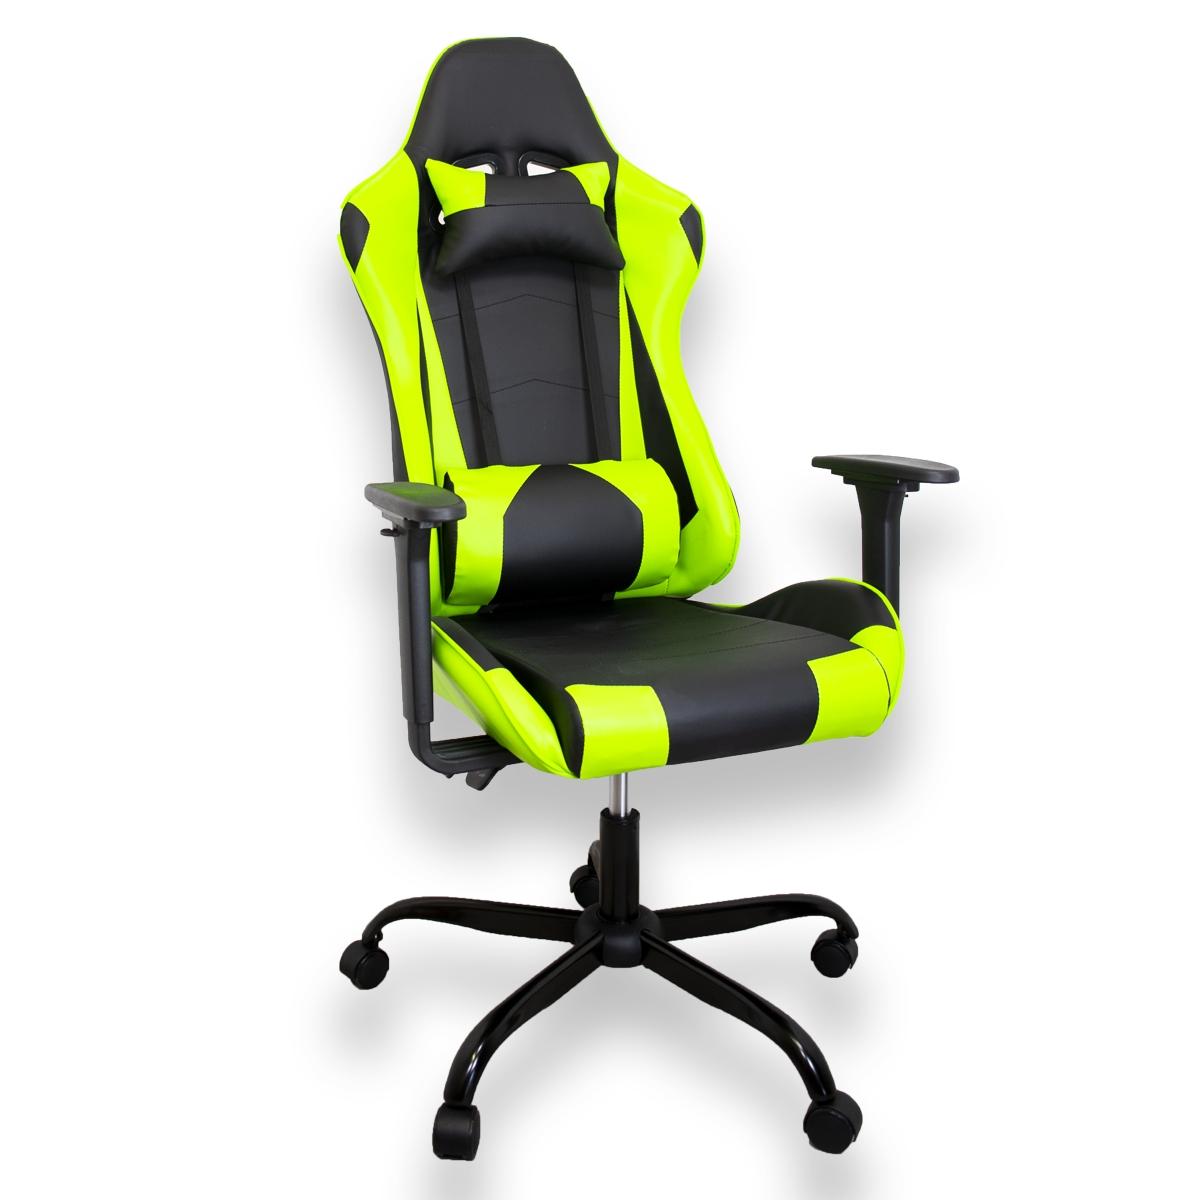 miniatura 49 - Sedia Poltrona da Gaming per Ufficio reclinabile Imbottita ergonomica GTX RTX